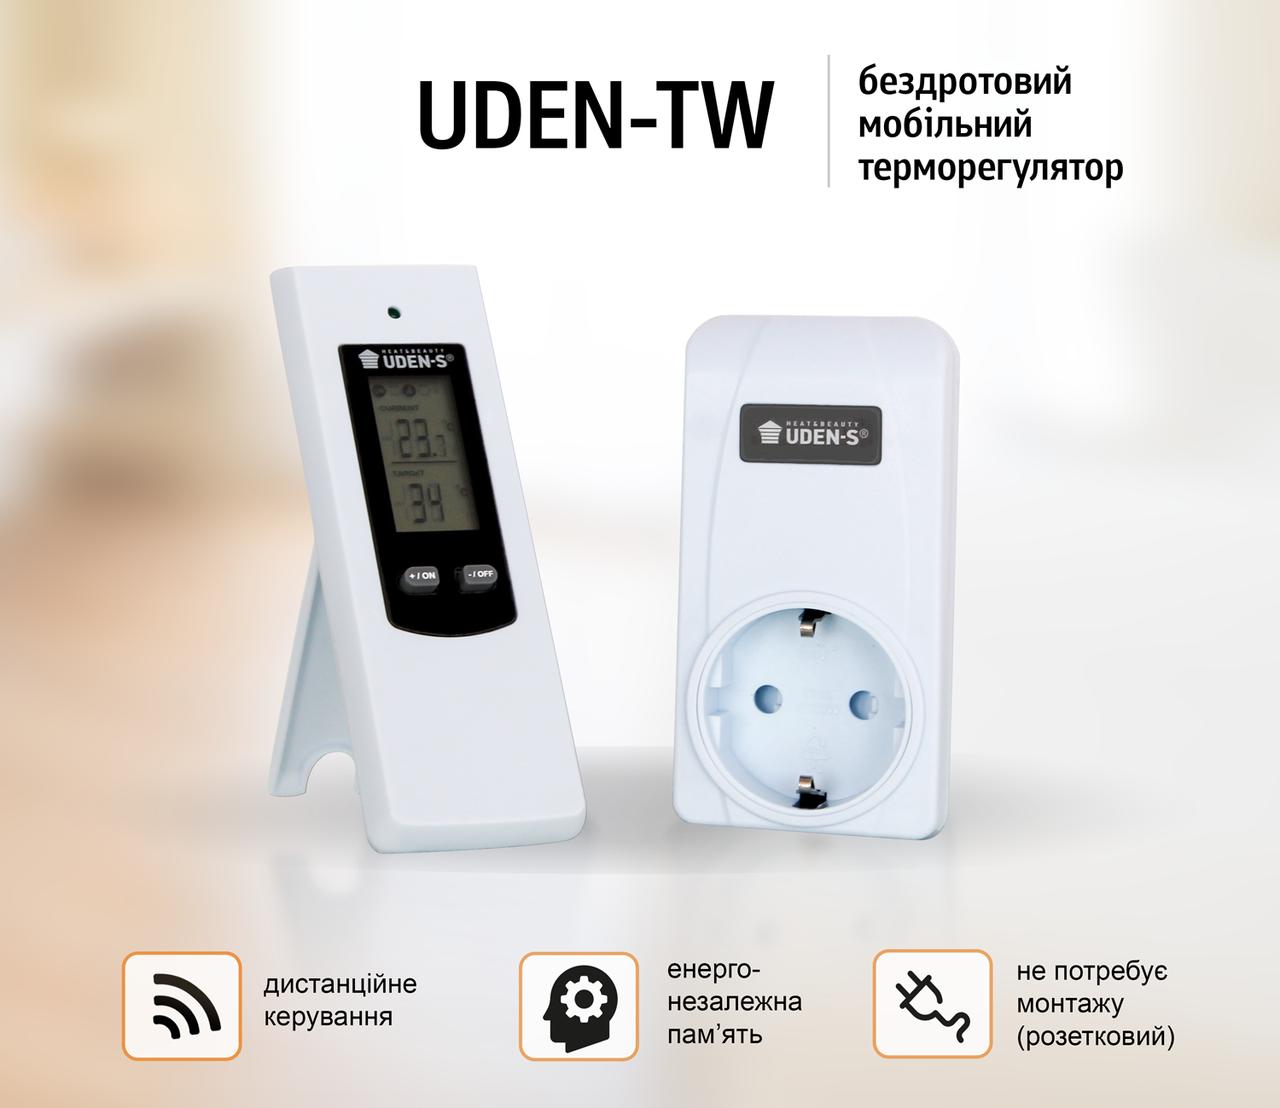 Терморегулятор UDEN-TW (беспроводной розеточный)